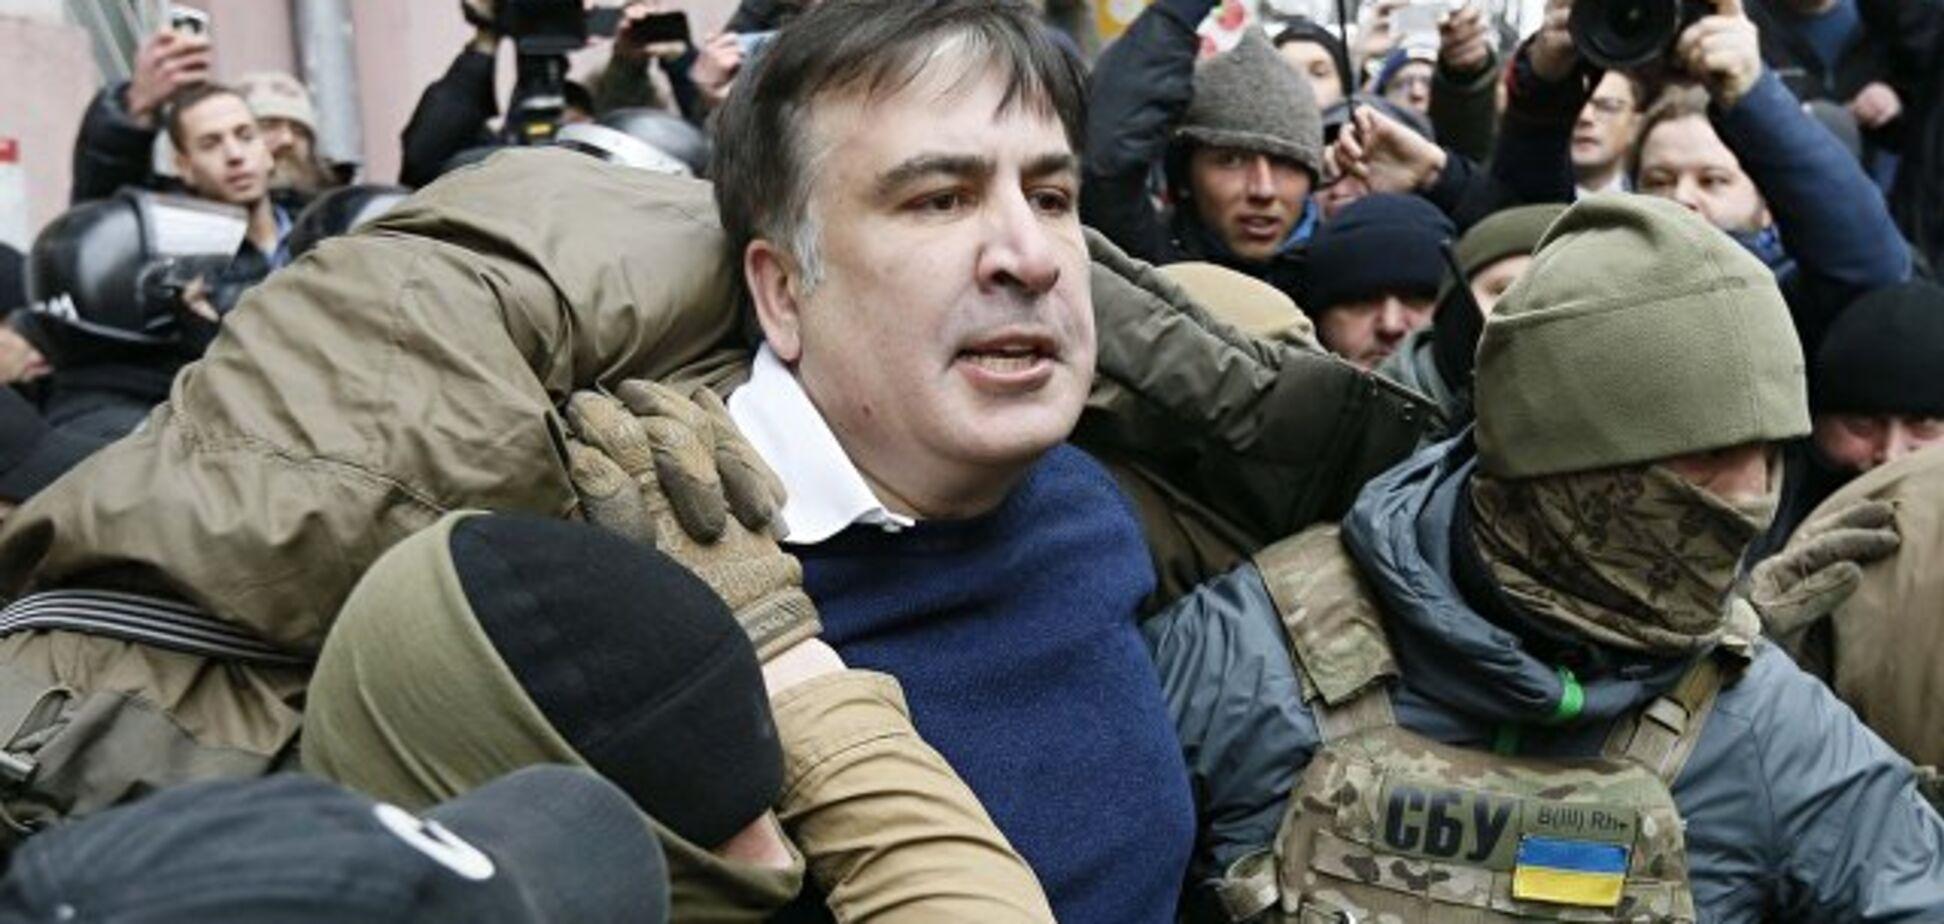 Великий удар: депутат пояснила, як 'підірве' Україну зв'язок Саакашвілі з Курченком